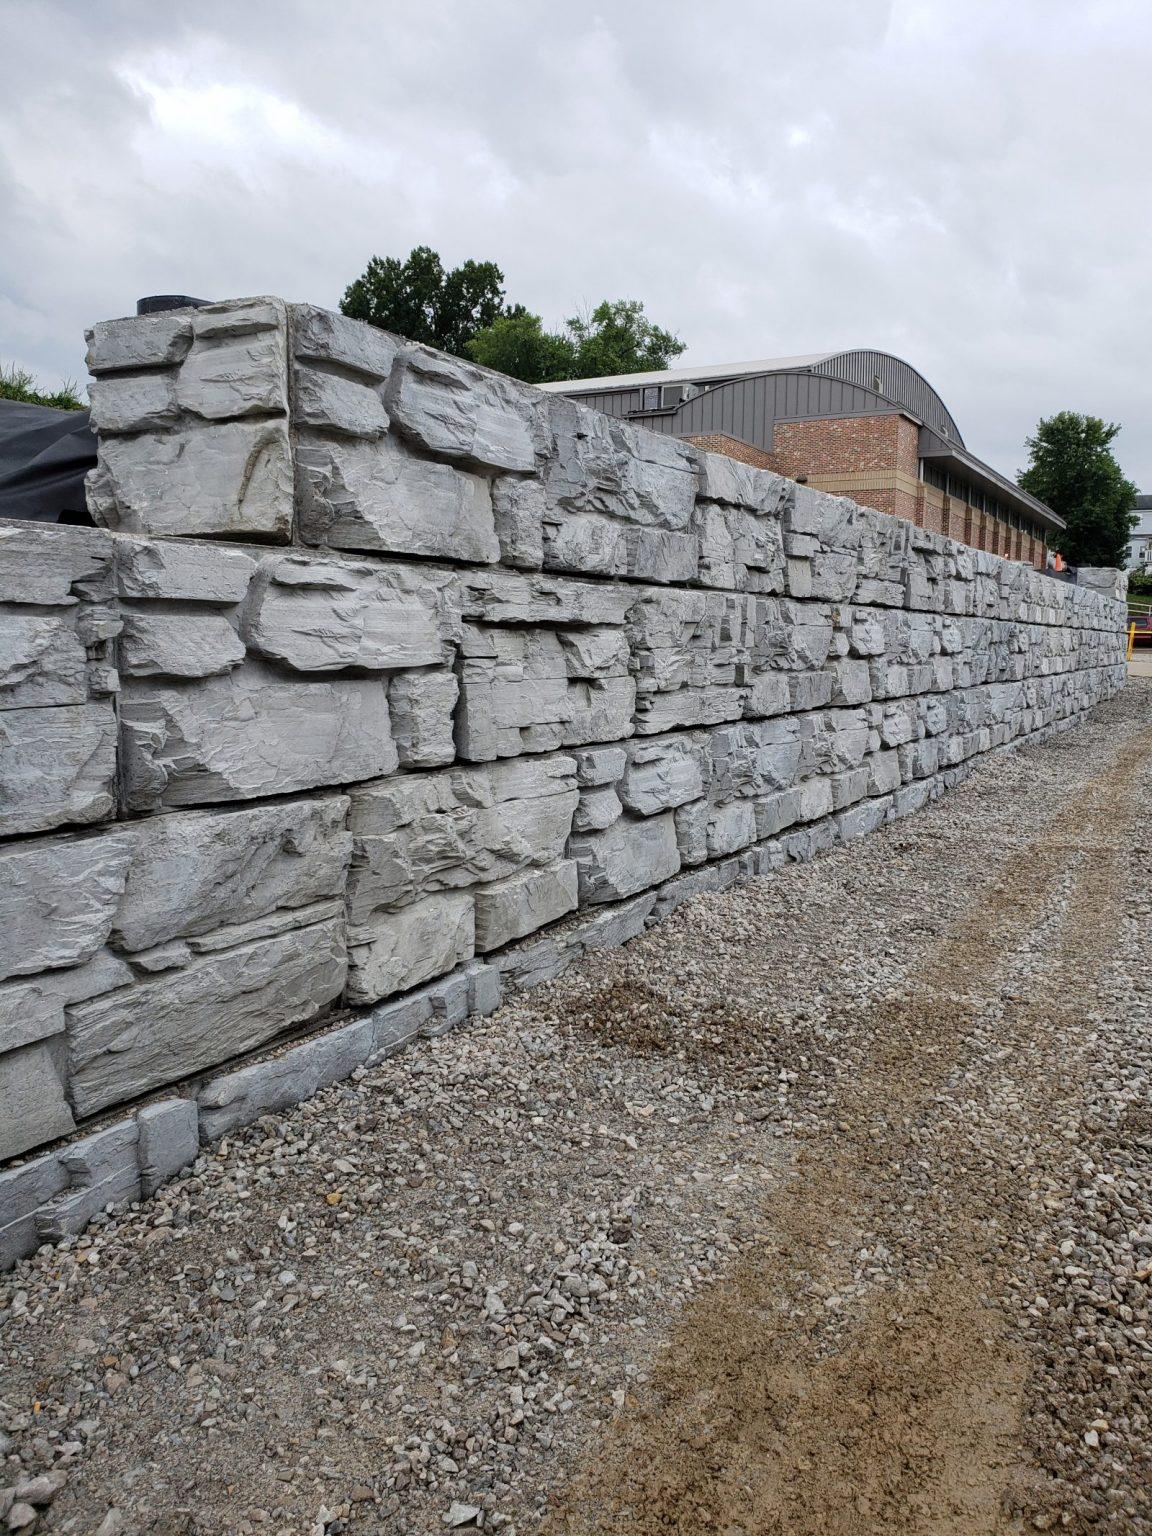 6 foot high MaxumStone Wall showcasing natural rock texture